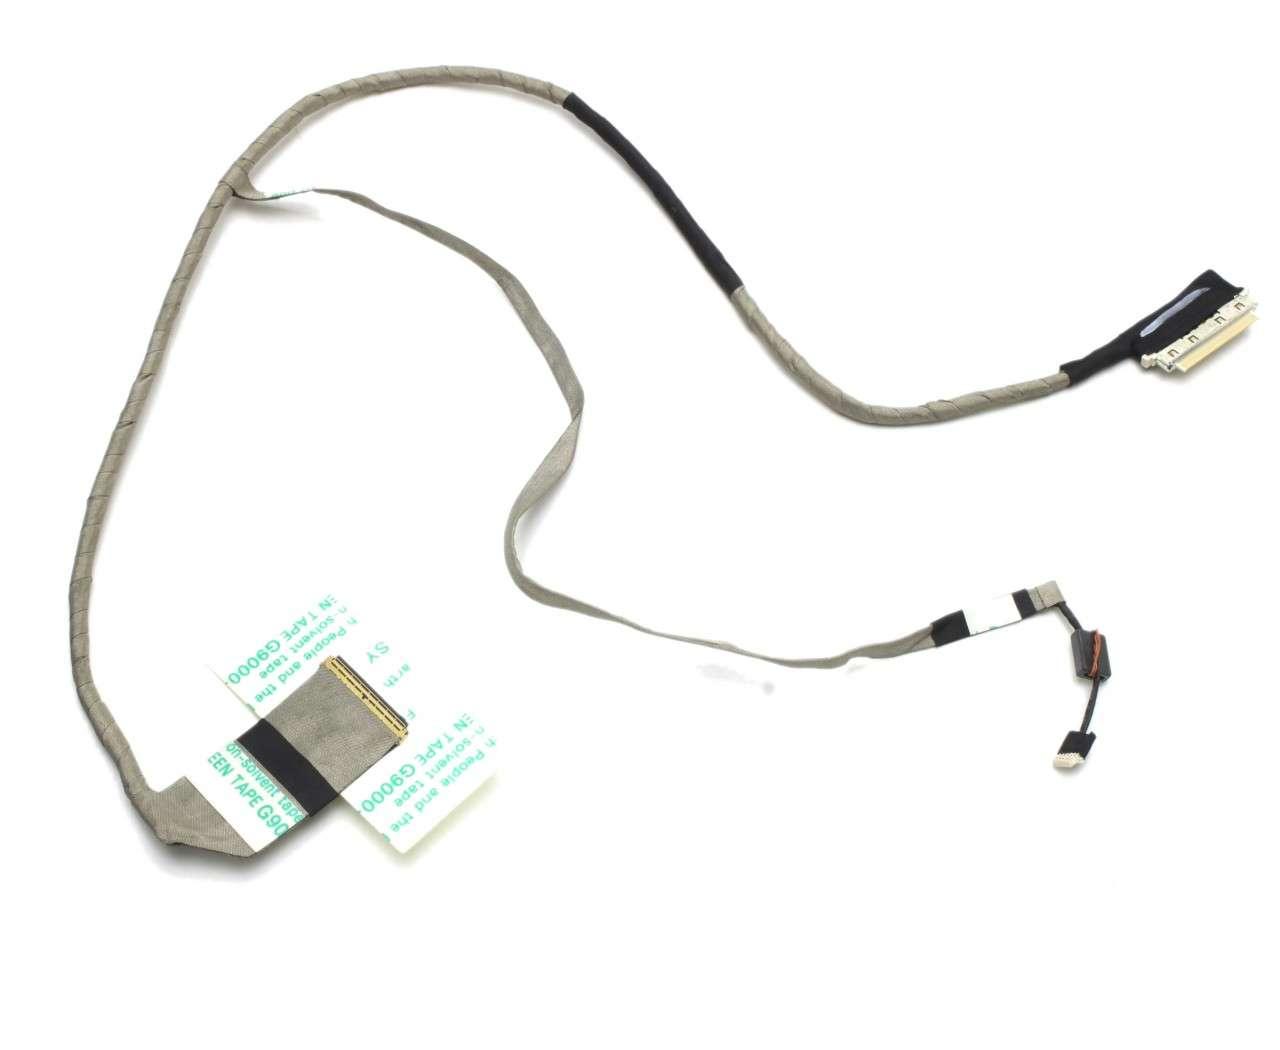 Cablu video LVDS Packard Bell EasyNote LS11SB imagine powerlaptop.ro 2021